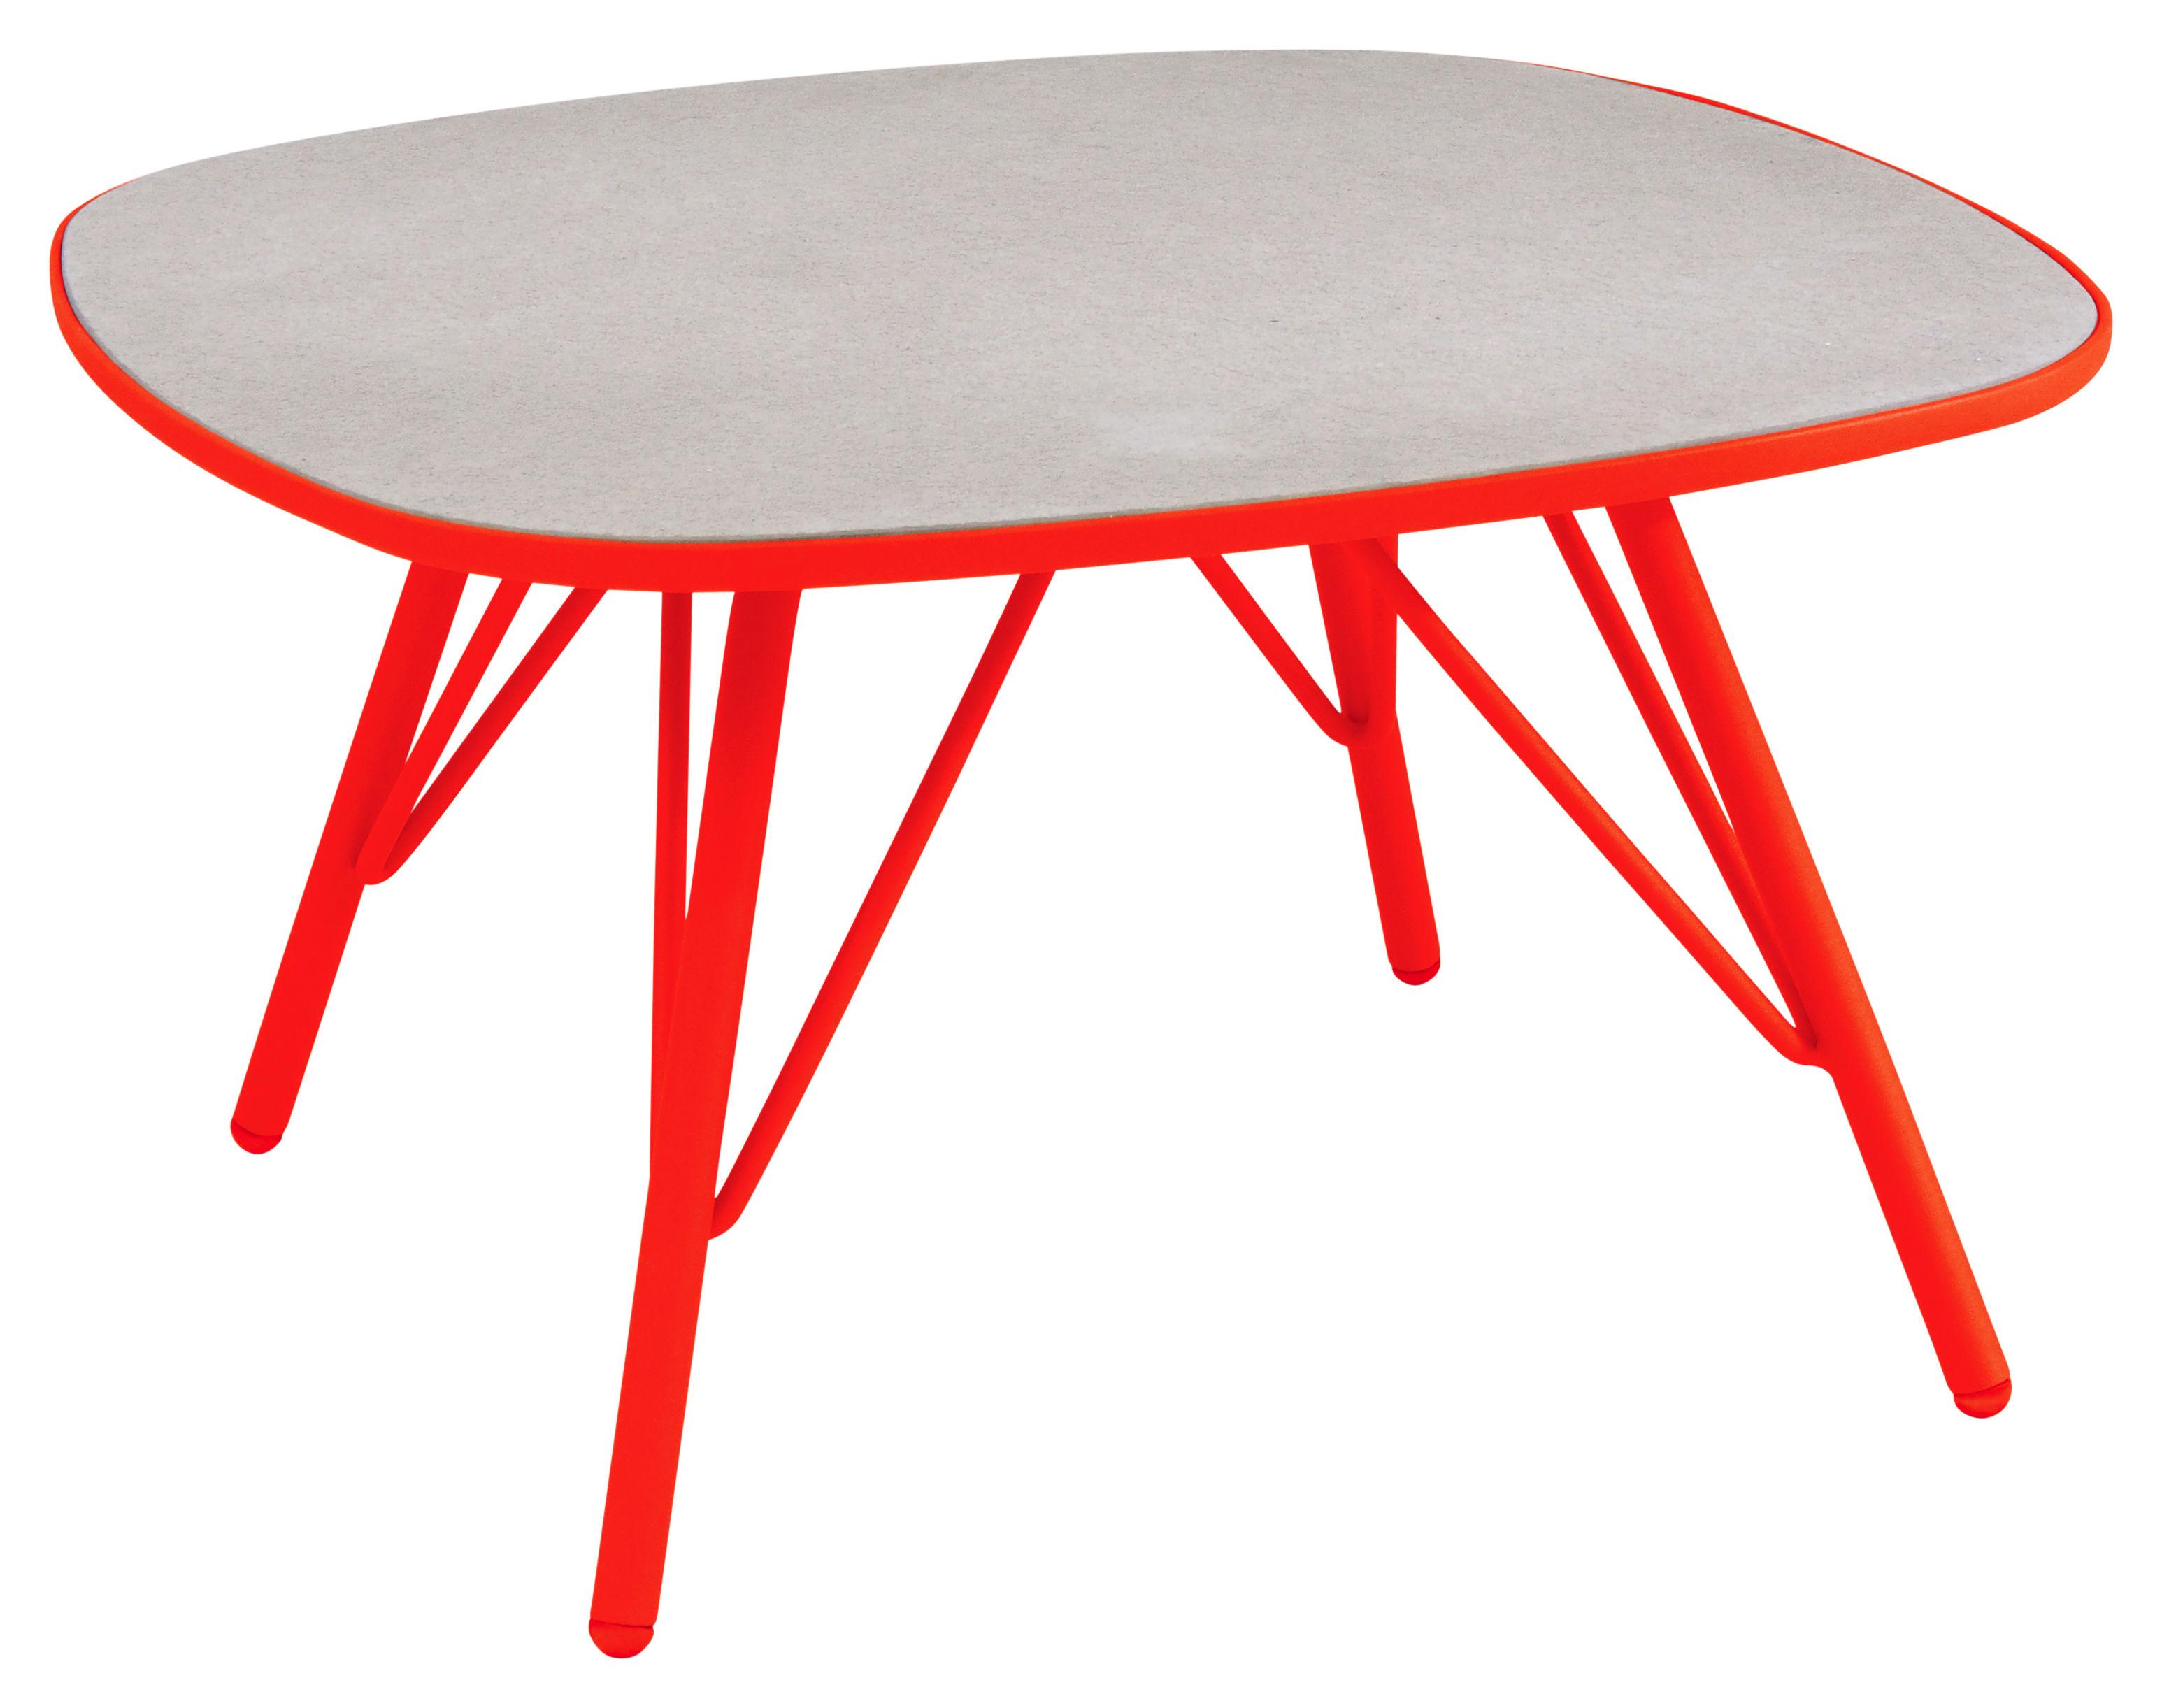 table basse lyze emu rouge h 40 made in design. Black Bedroom Furniture Sets. Home Design Ideas